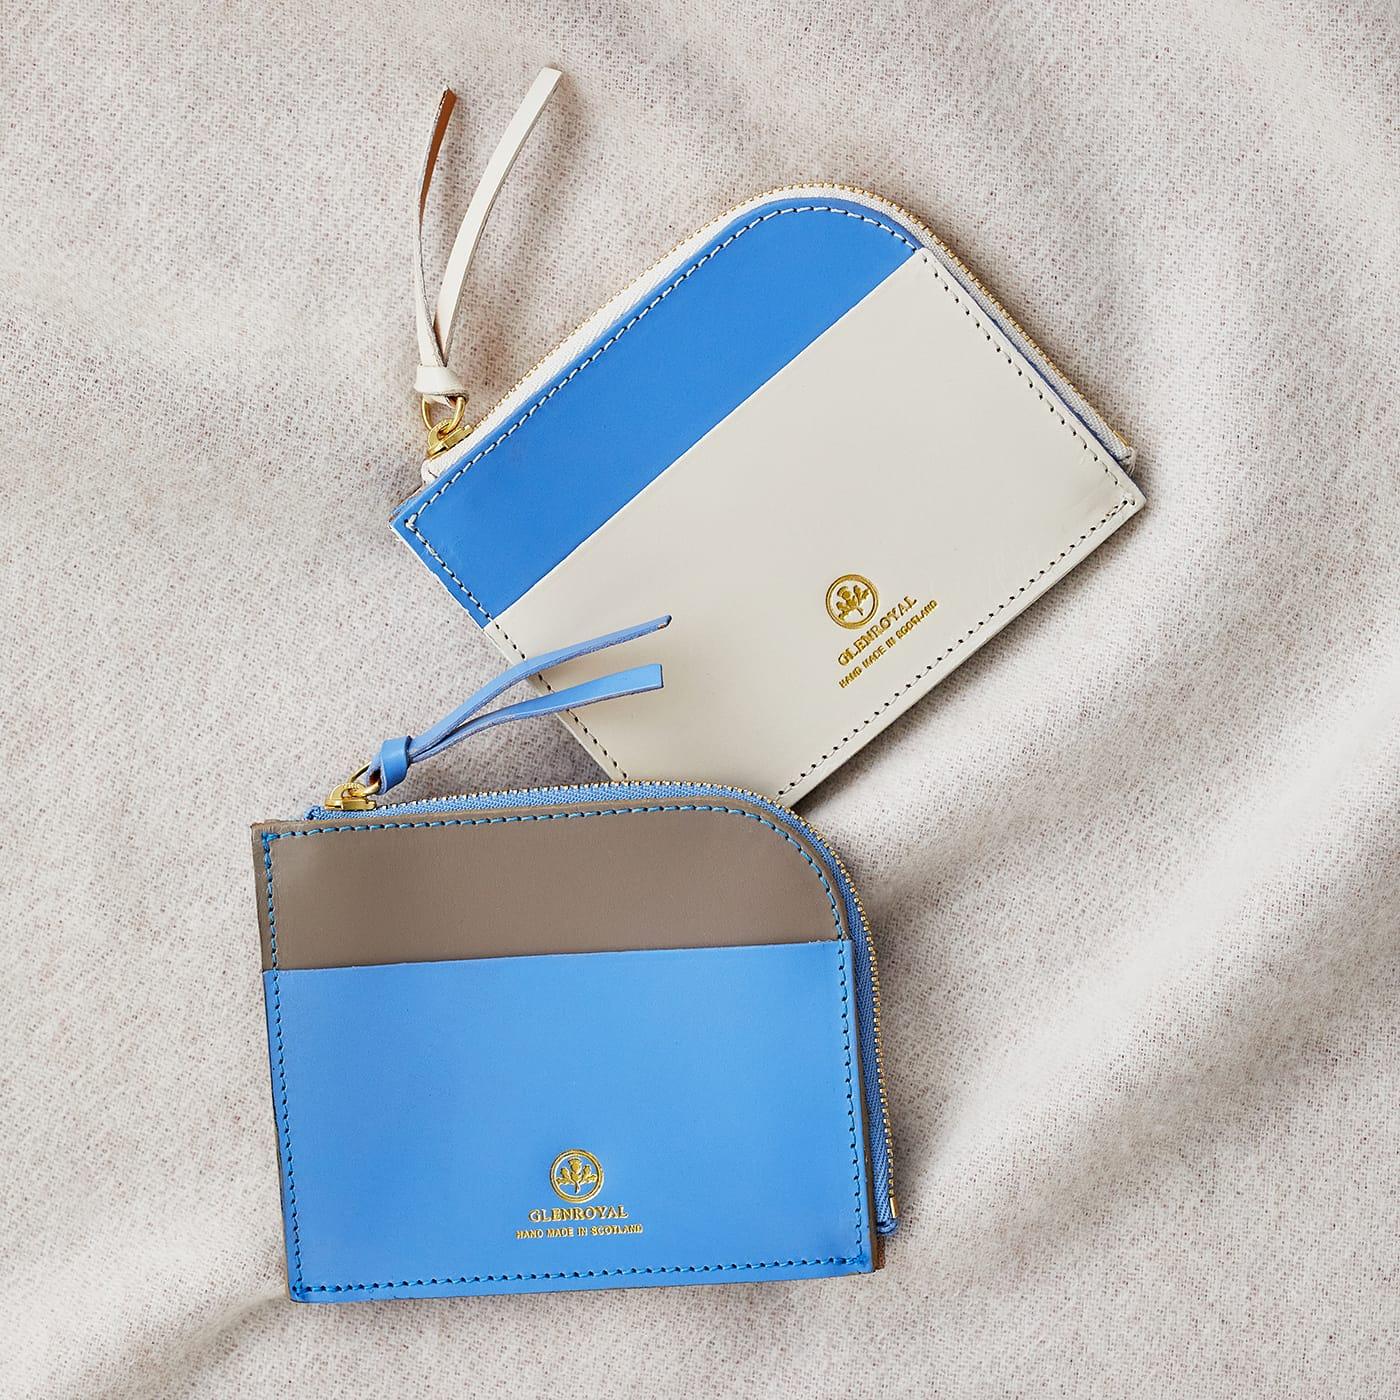 グレンロイヤル スリムなL字ジップ財布 ZIP MINI PURSE WITH CARD POCKET